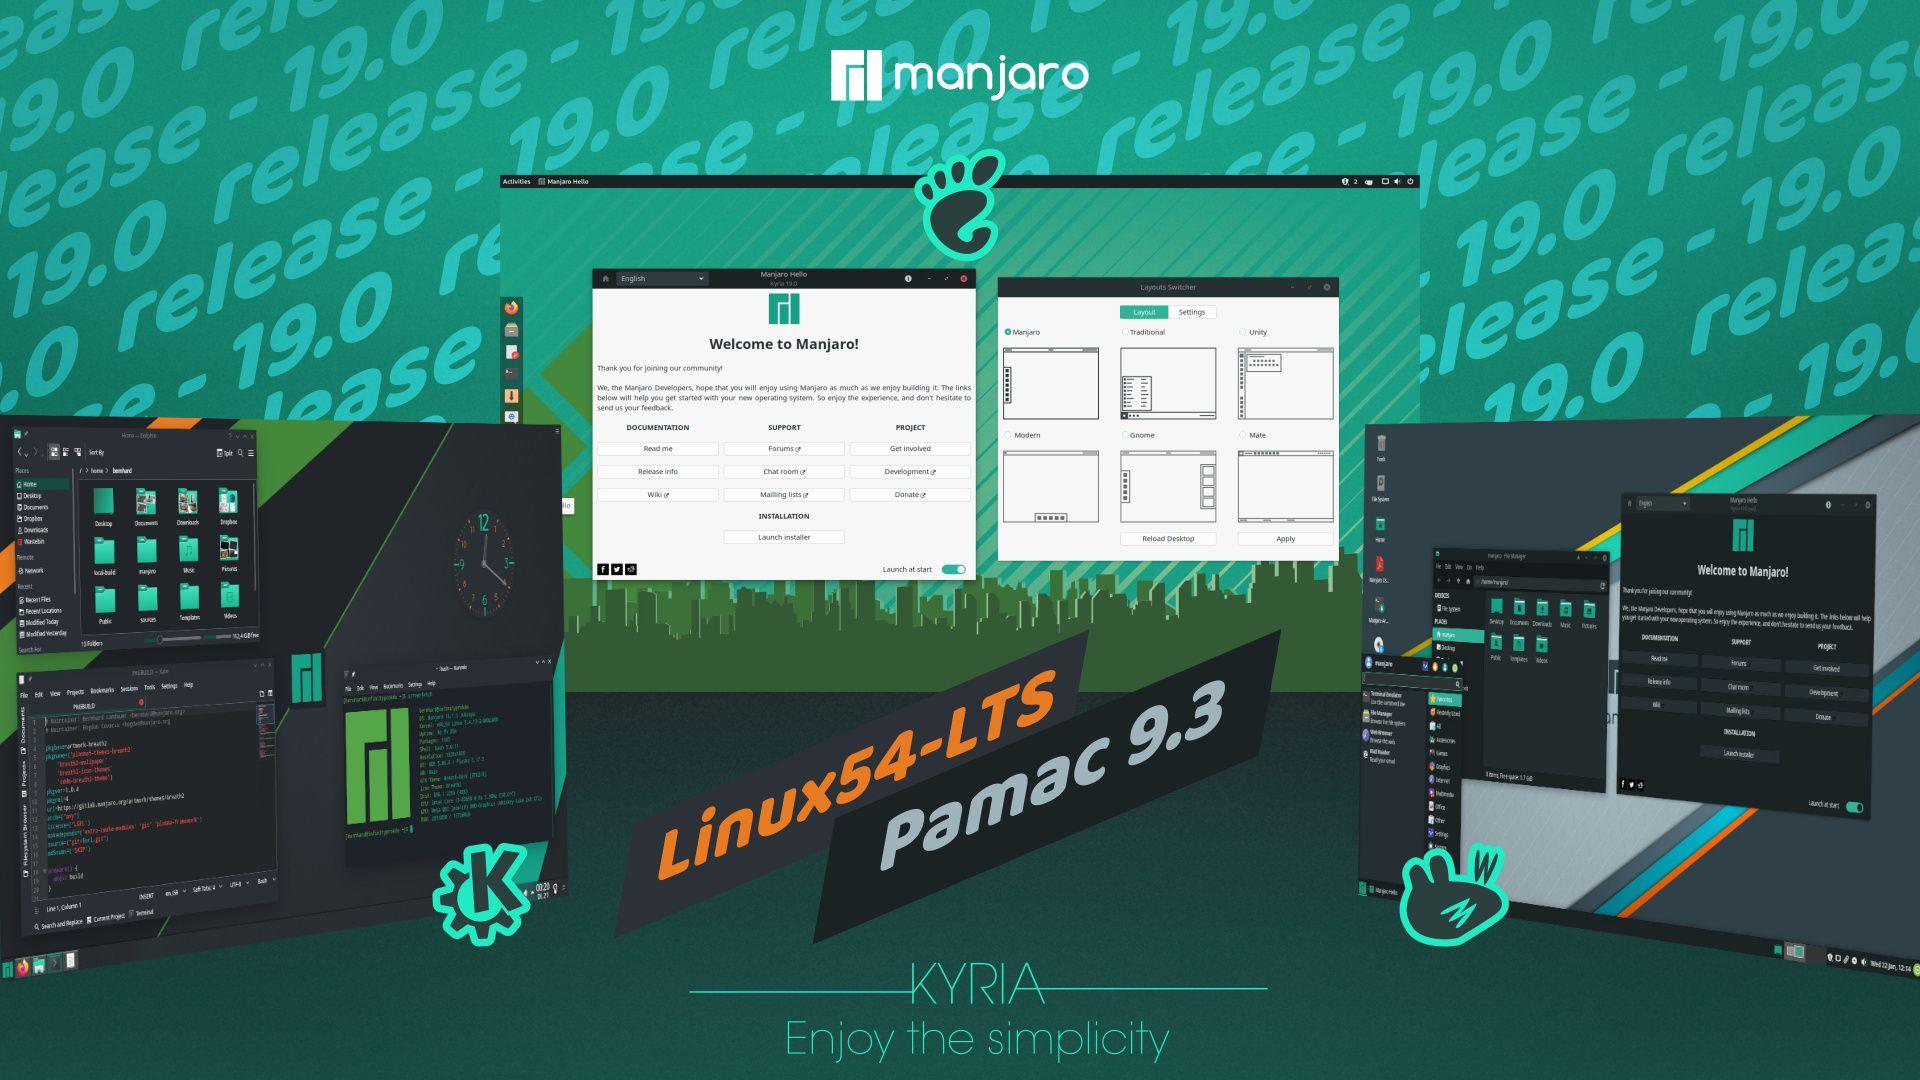 Manjaro 19.0 Kyria released (Gnome, KDE, XFCE, Architect